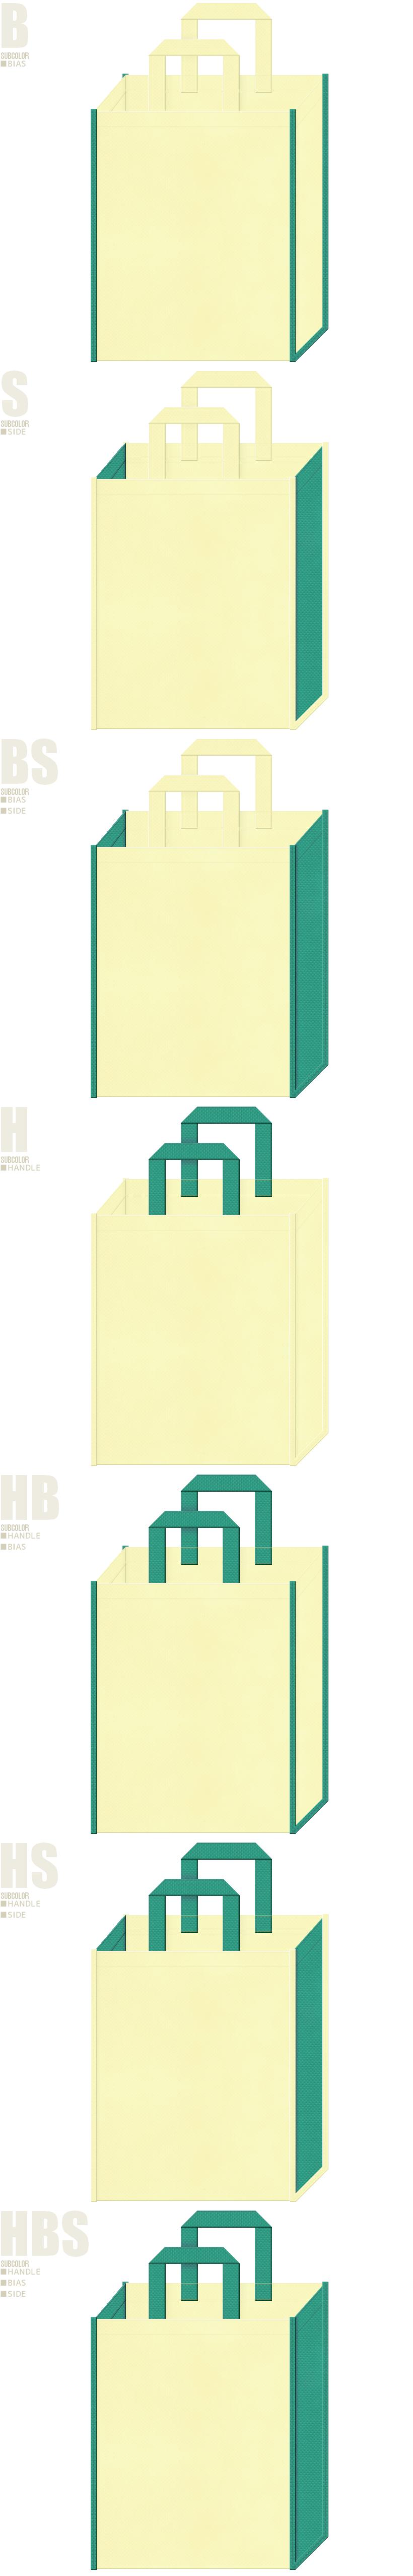 日用品・洗剤・バス用品・お掃除用品・家庭用品の展示会用バッグにお奨めの不織布バッグデザイン:薄黄色と青緑色の配色7パターン。